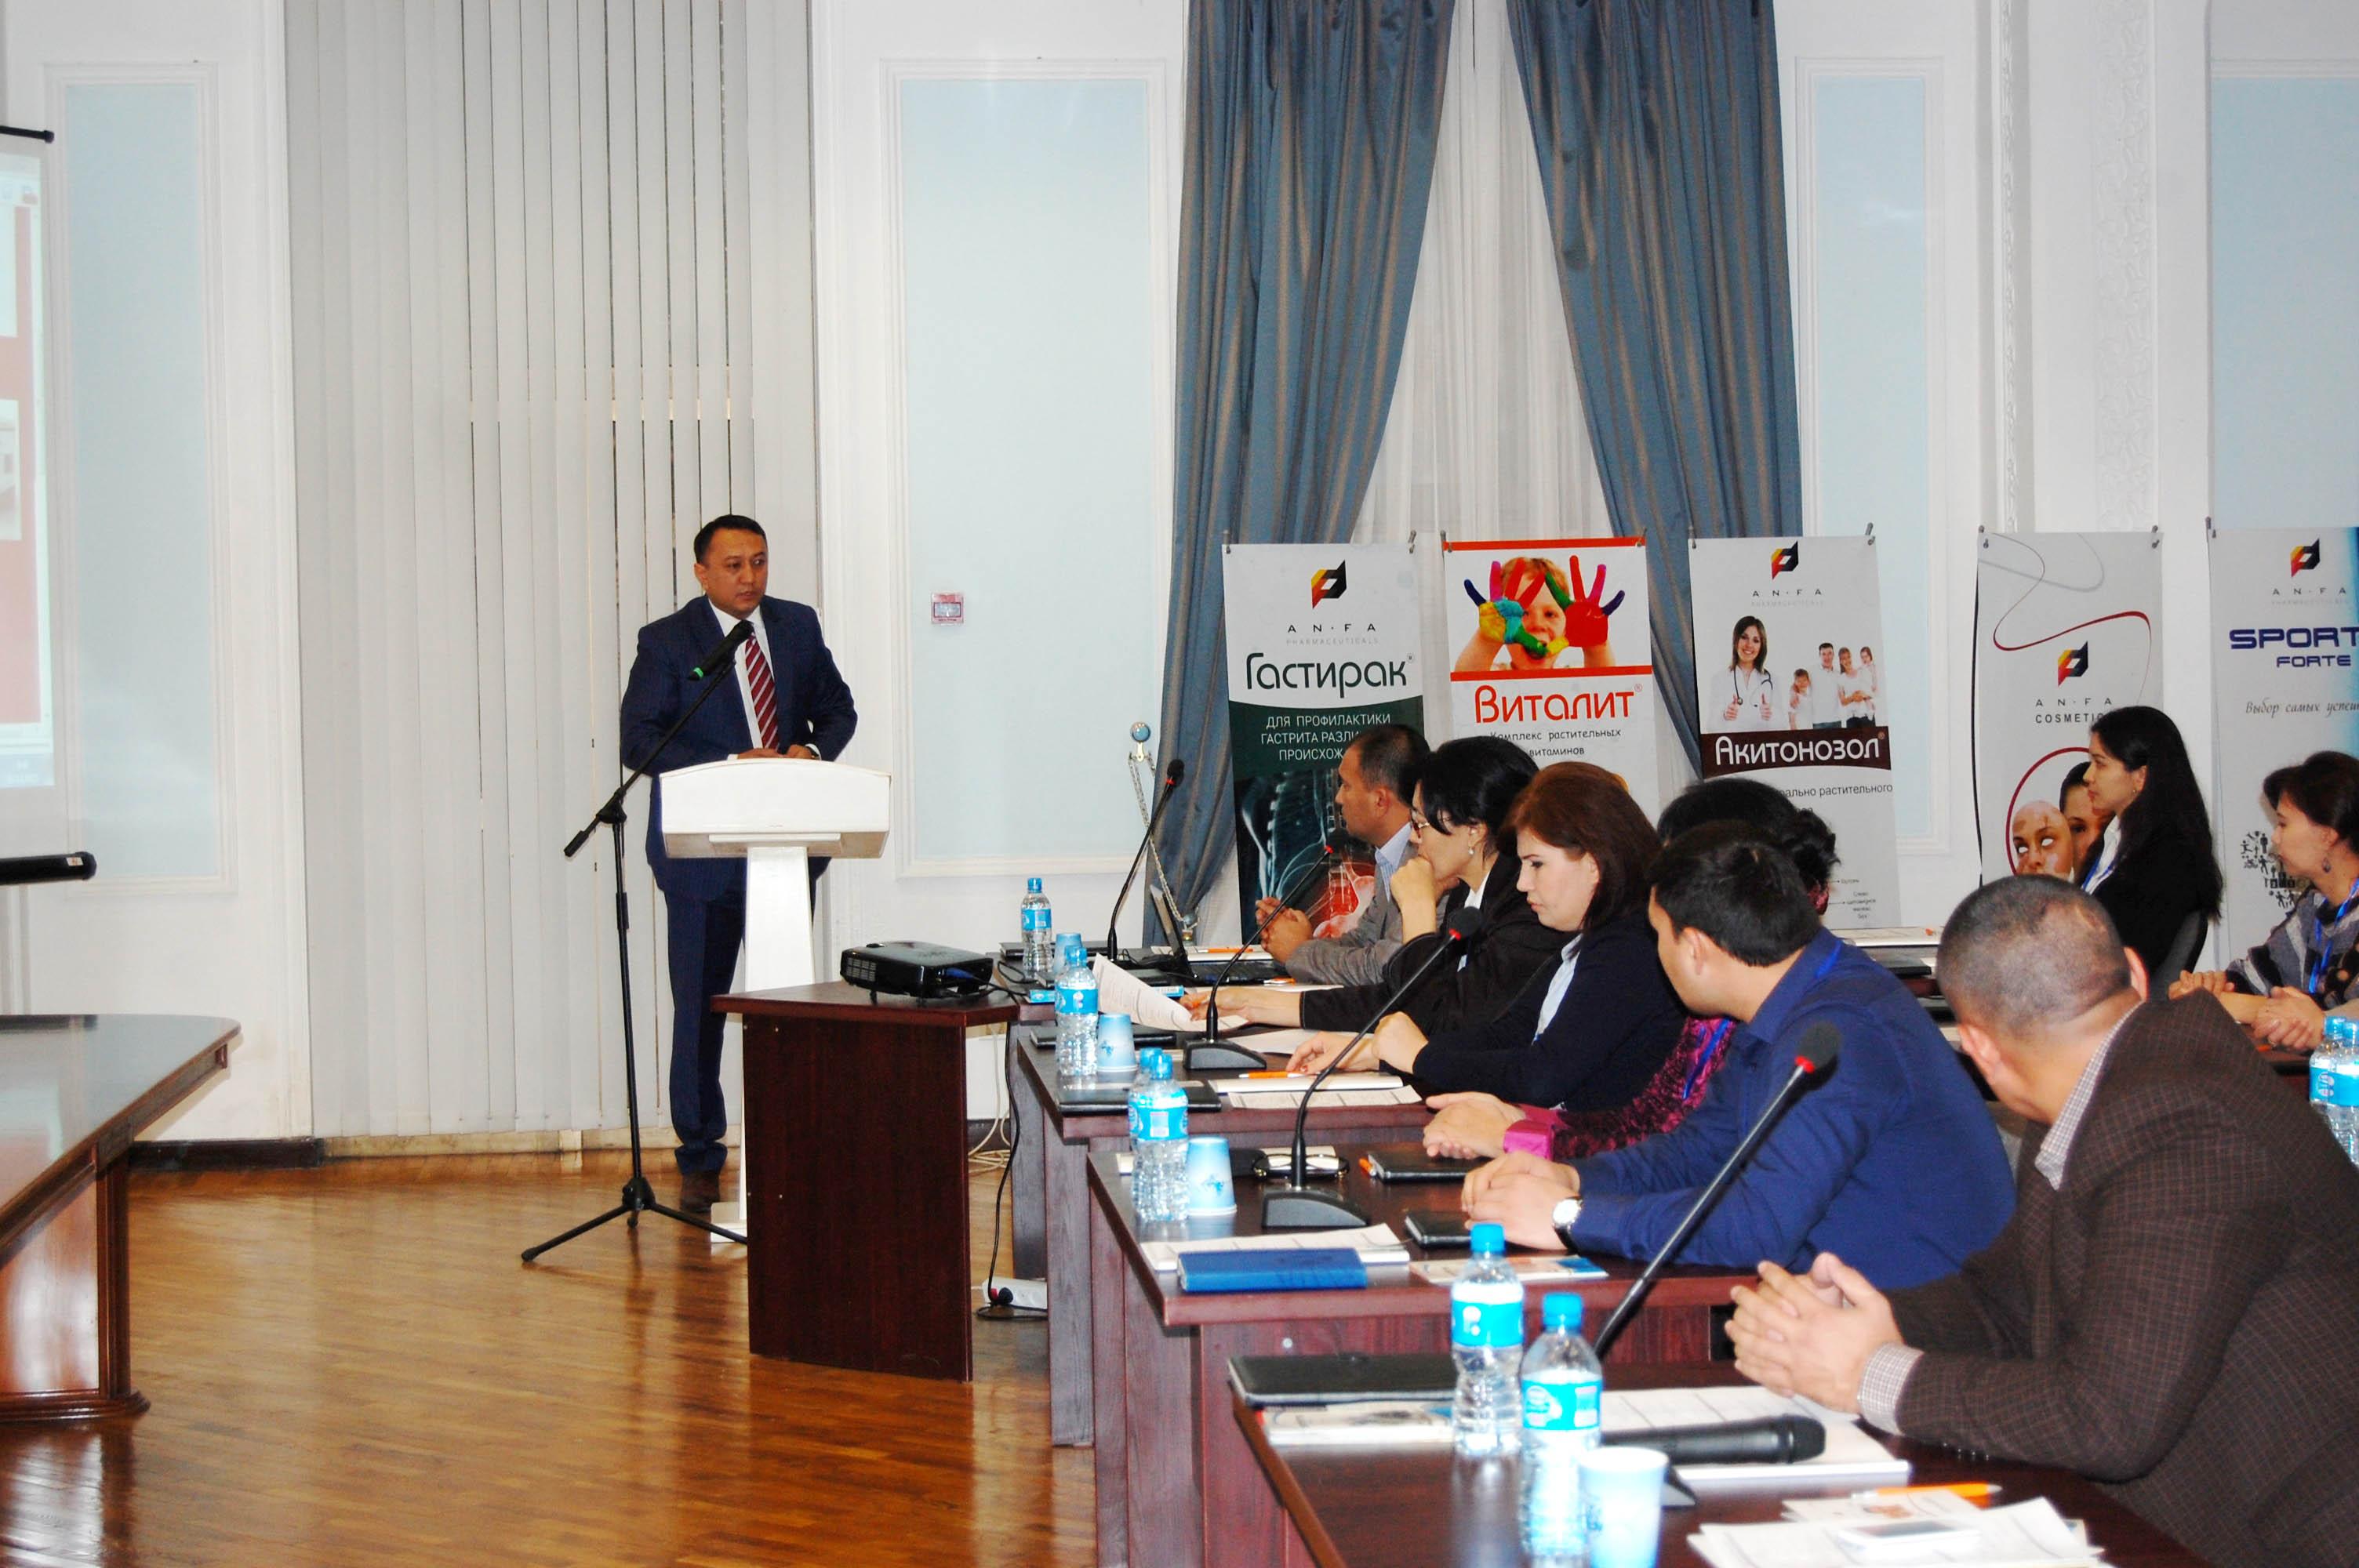 http://medicalexpress.ru/uploads/news/2.jpg